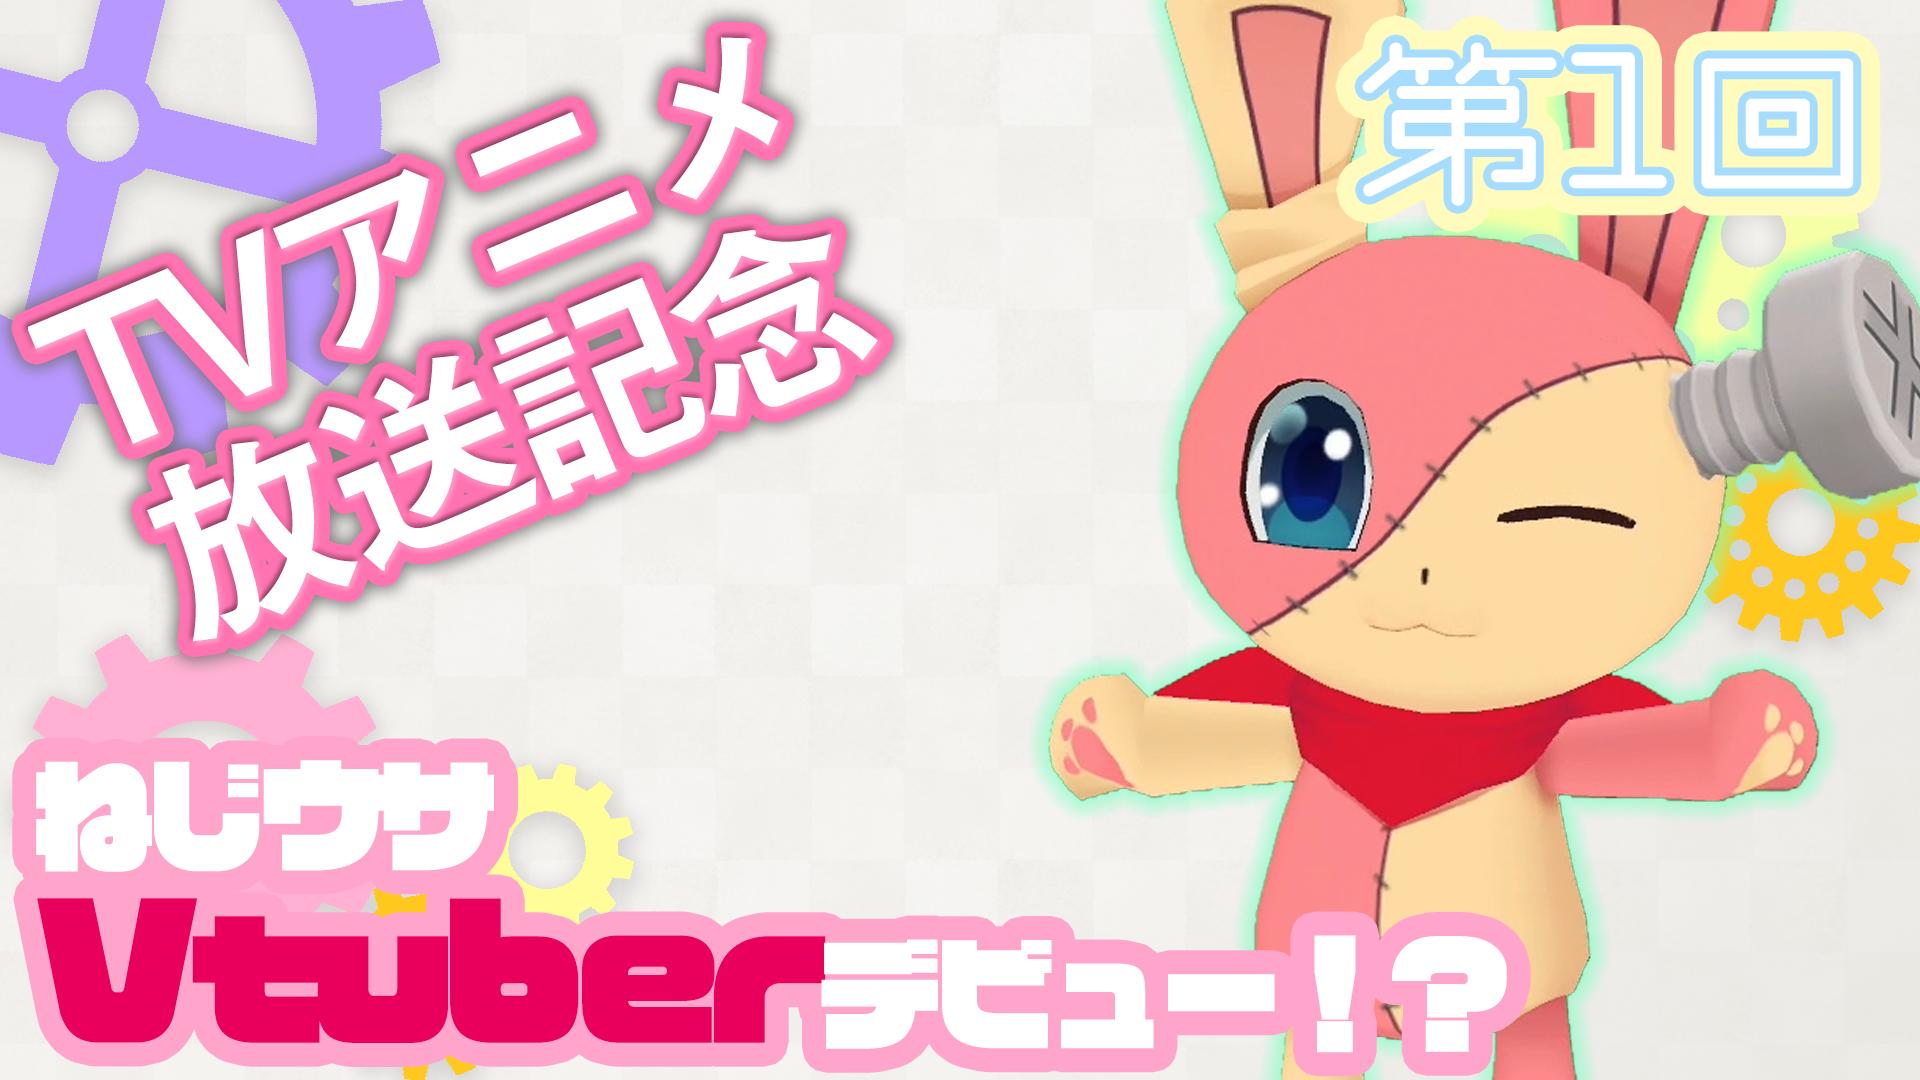 公式Vtuber「ねじれウサギ」による 「ぱすてるメモリーズV」活動スタート